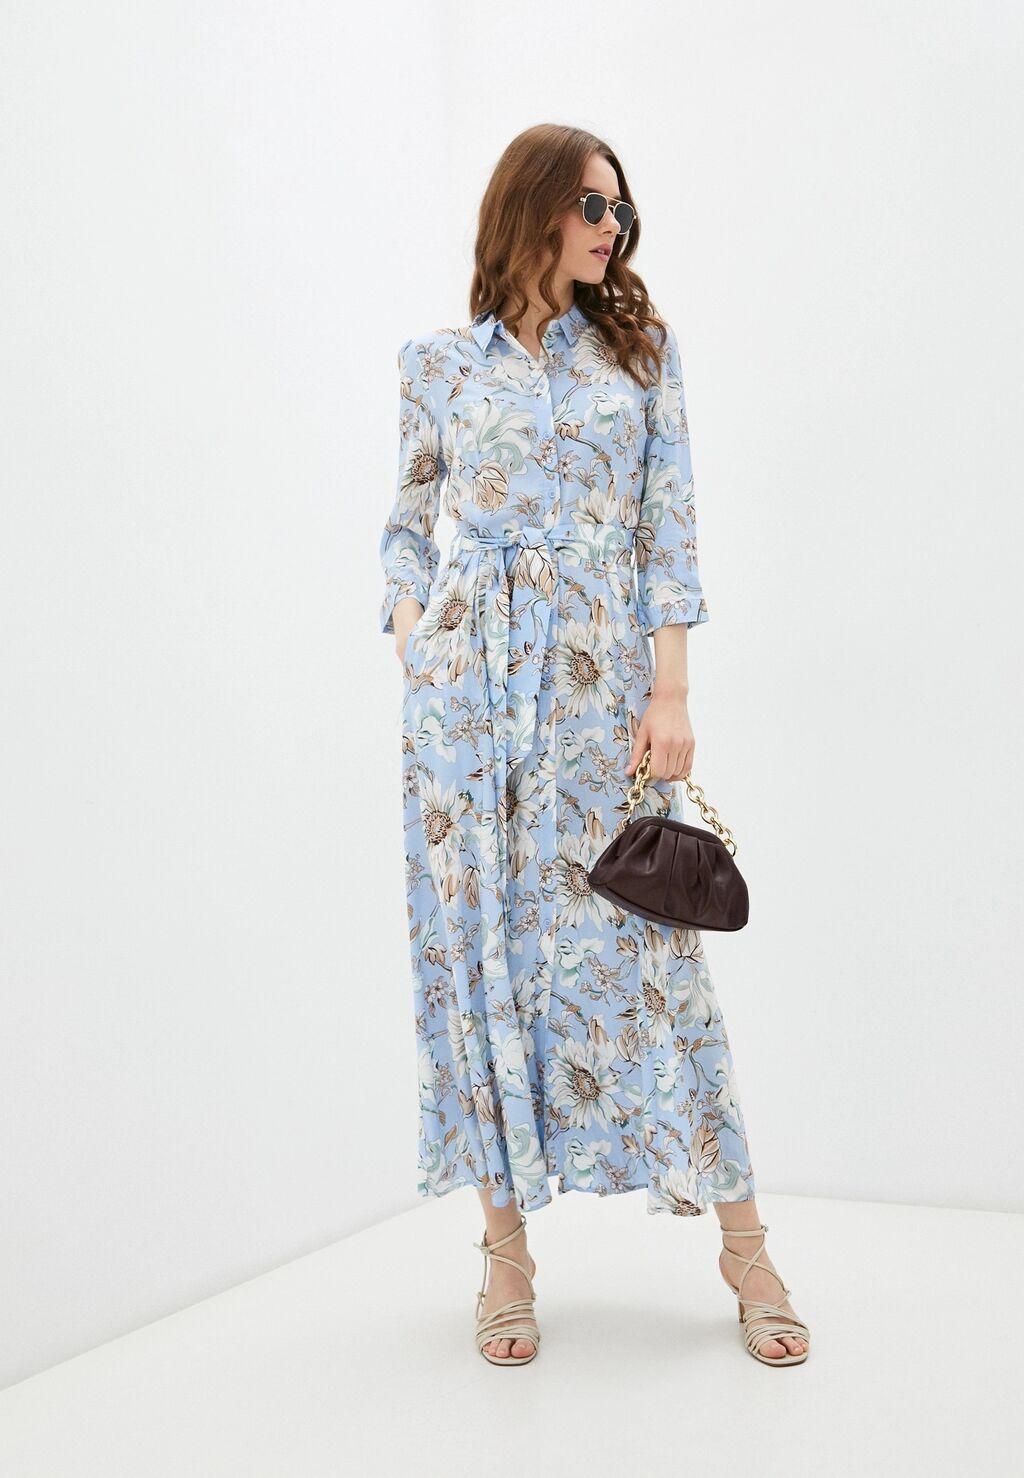 Требуются опытные Швеи на пошив женских платьев и блузок работа пост: Требуются опытные Швеи на пошив женских платьев и блузок , работа пост